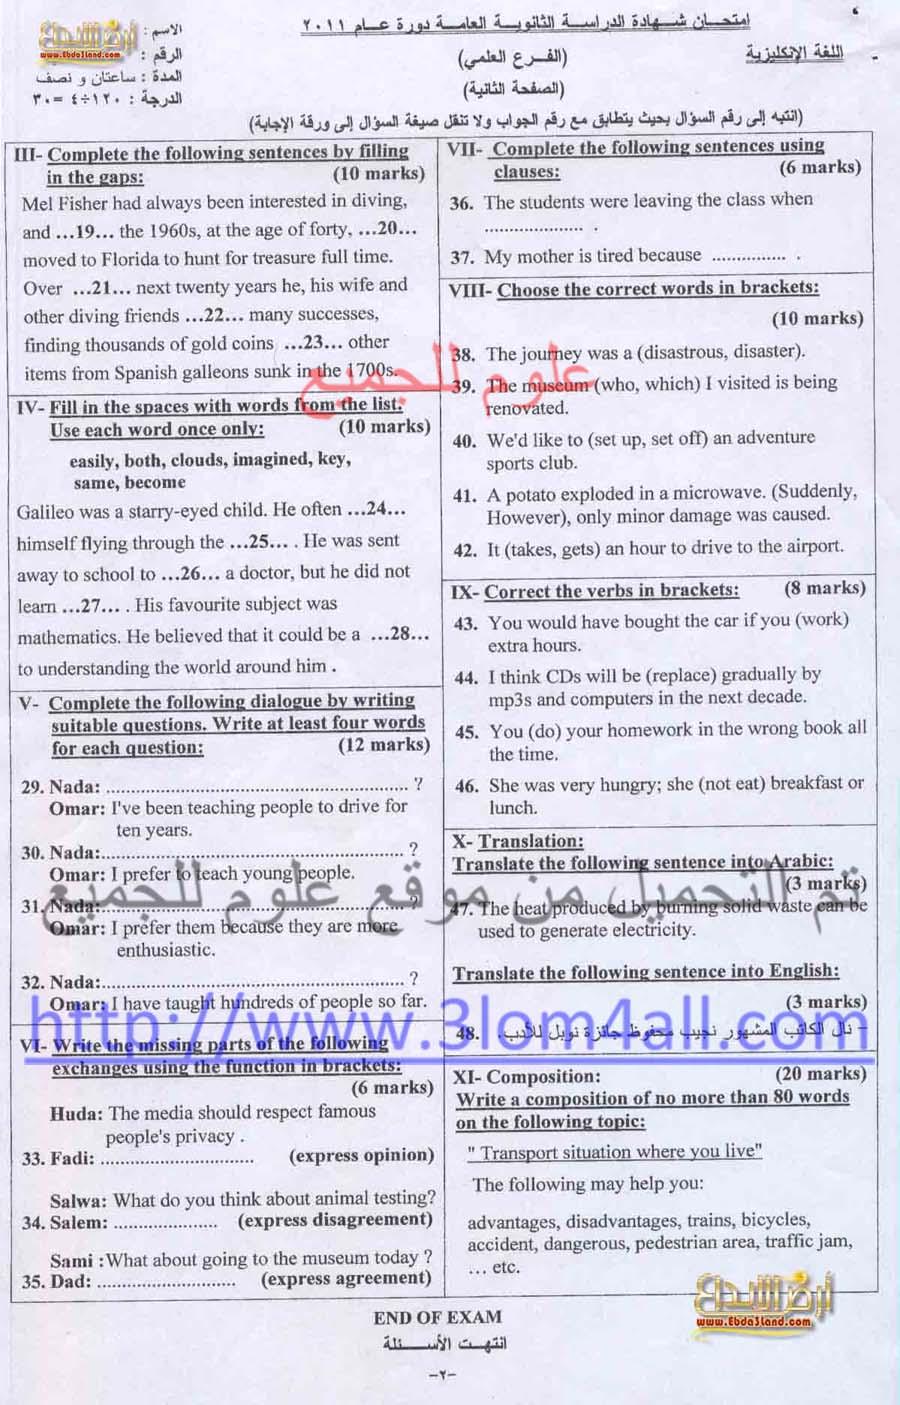 ورقة أسئلة امتحان اللغة الانجليزية البكالوريا 2011 مع سلم التصحيح